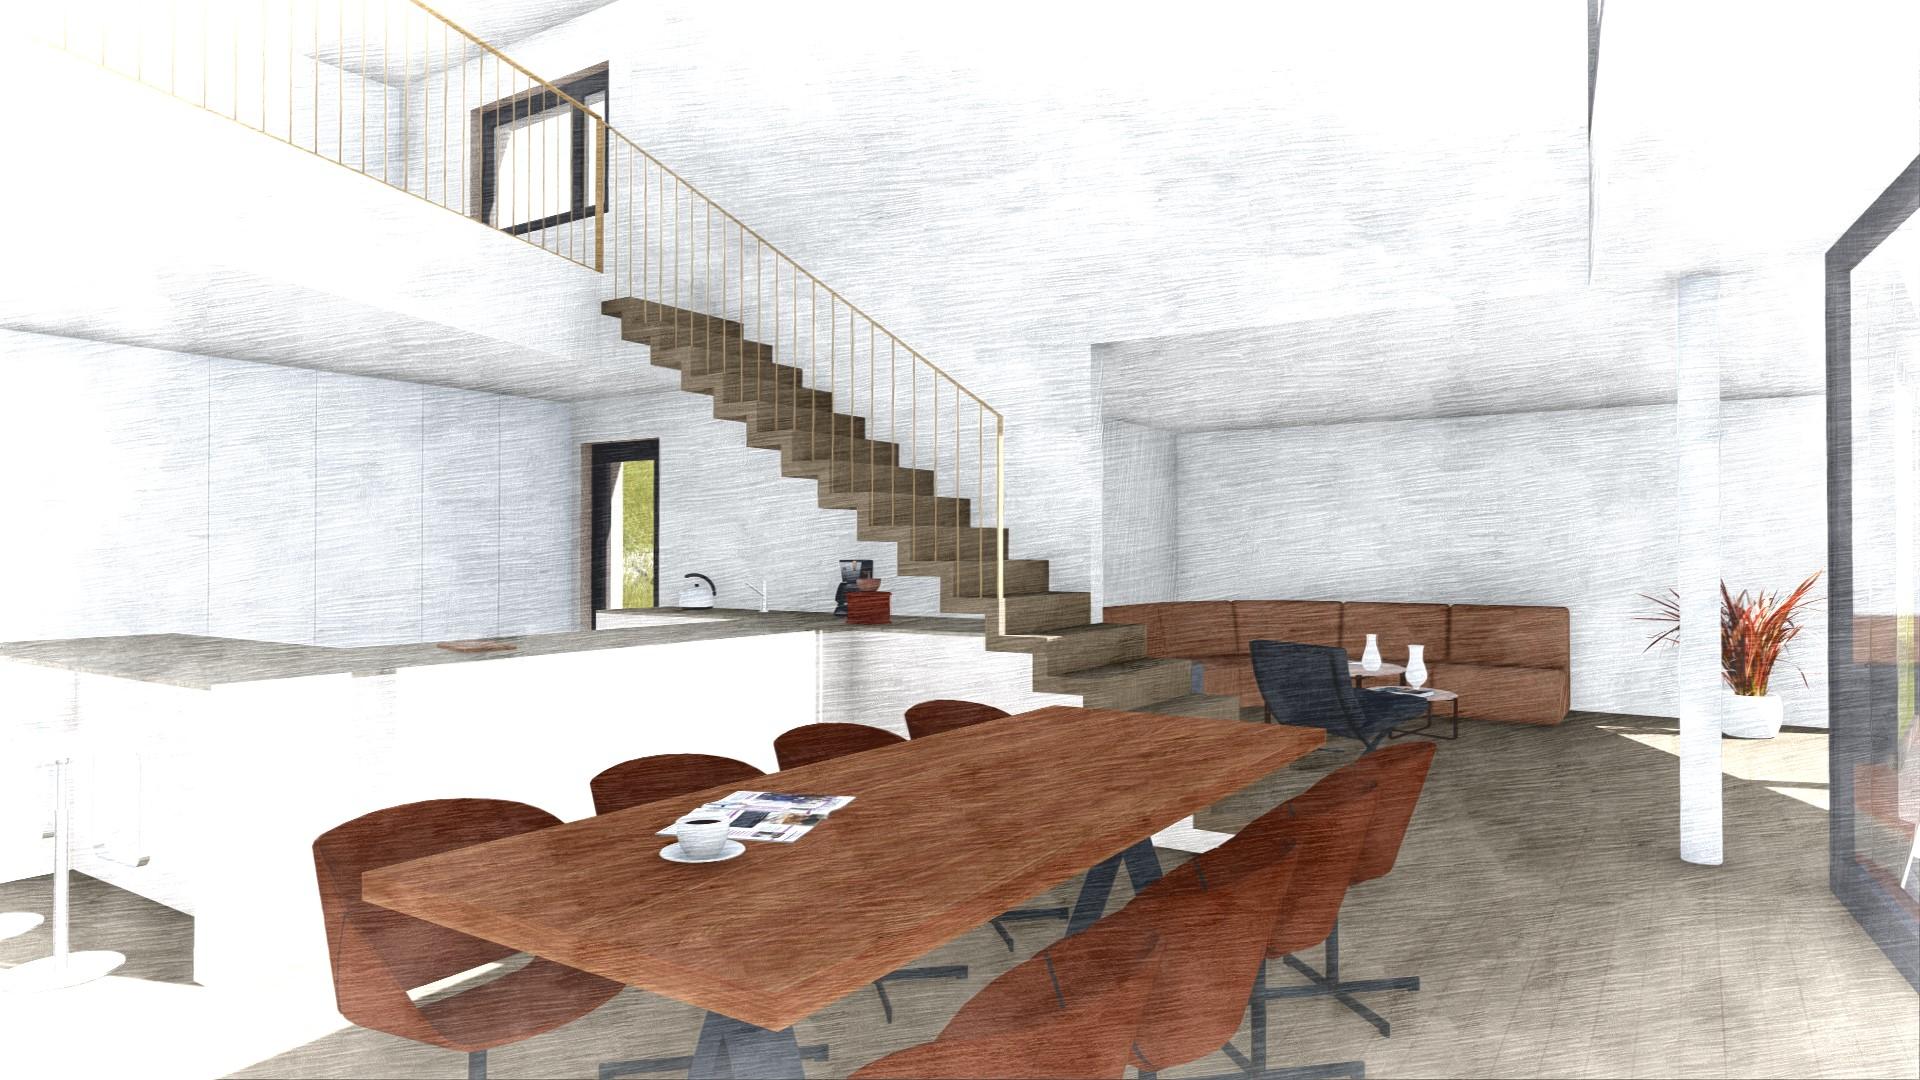 EFH-Obermettlen 2-Uetliburg--MO-Architektur-Uznach-Linthgebiet-Ostschweiz-8084